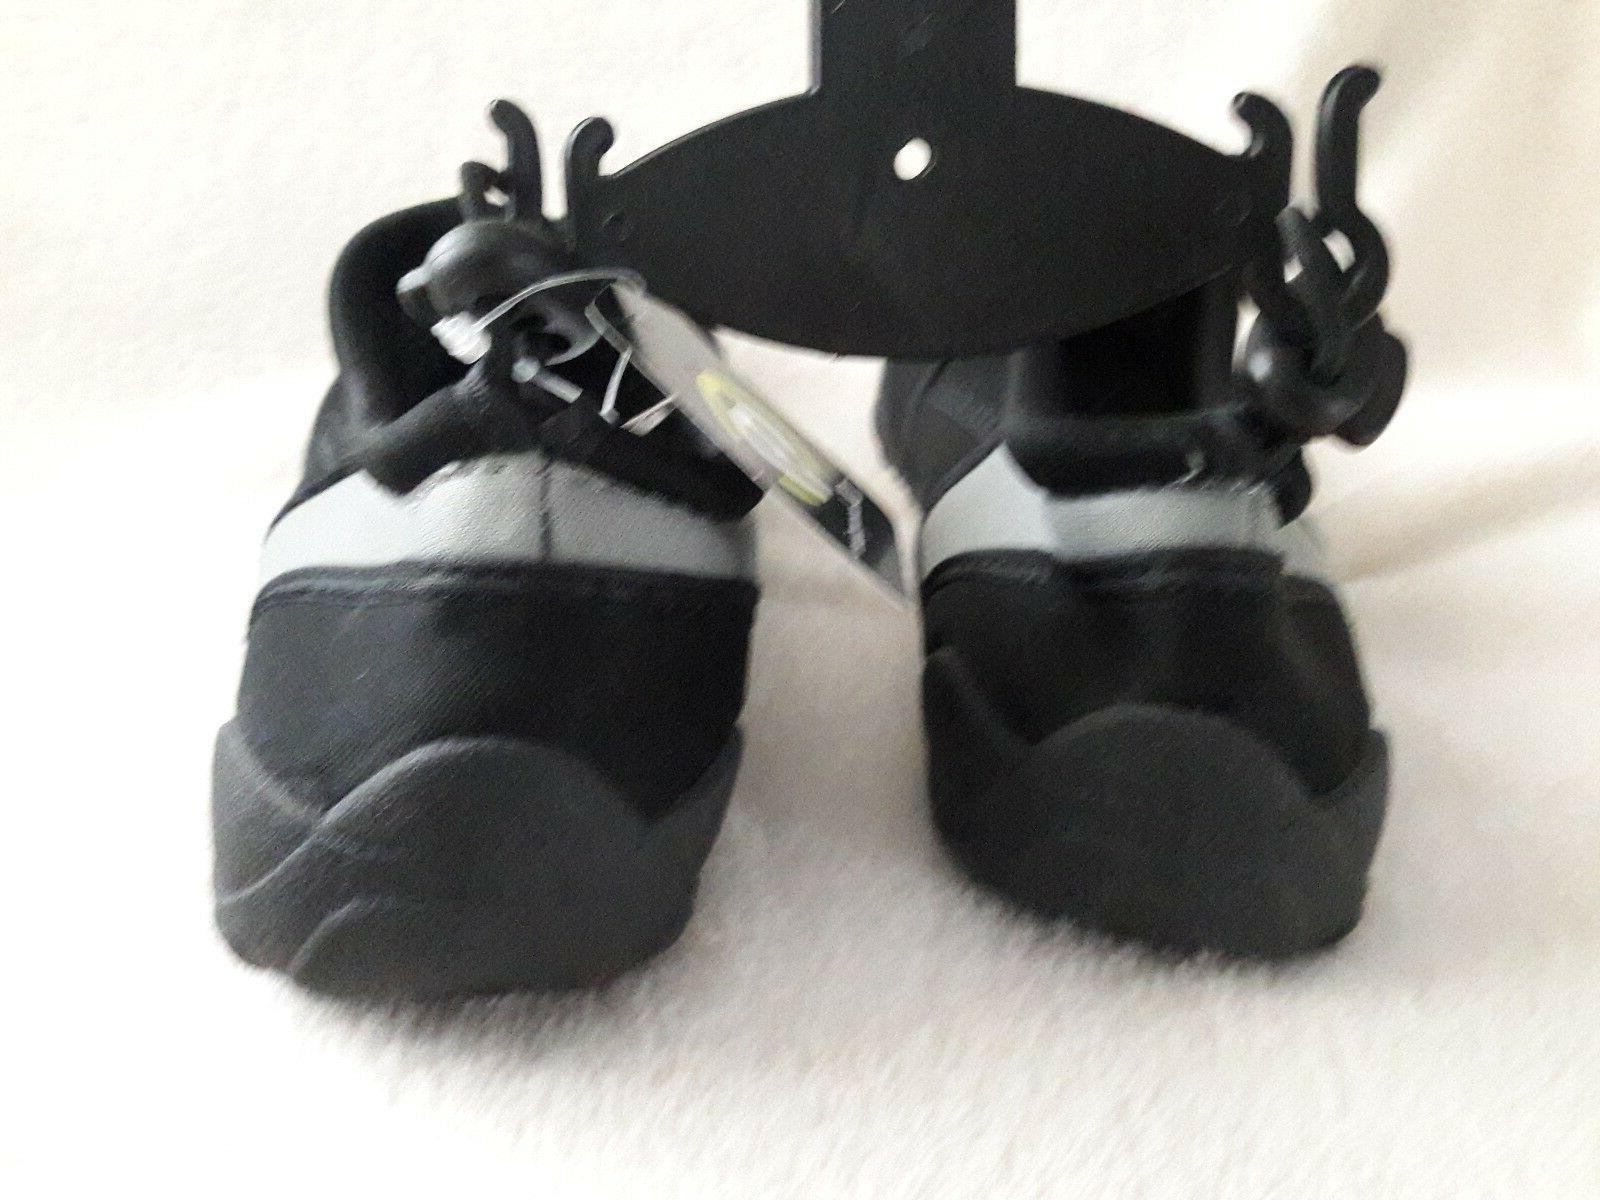 Men's Titus Shoes C9 Champion Black Size M 9-10 US